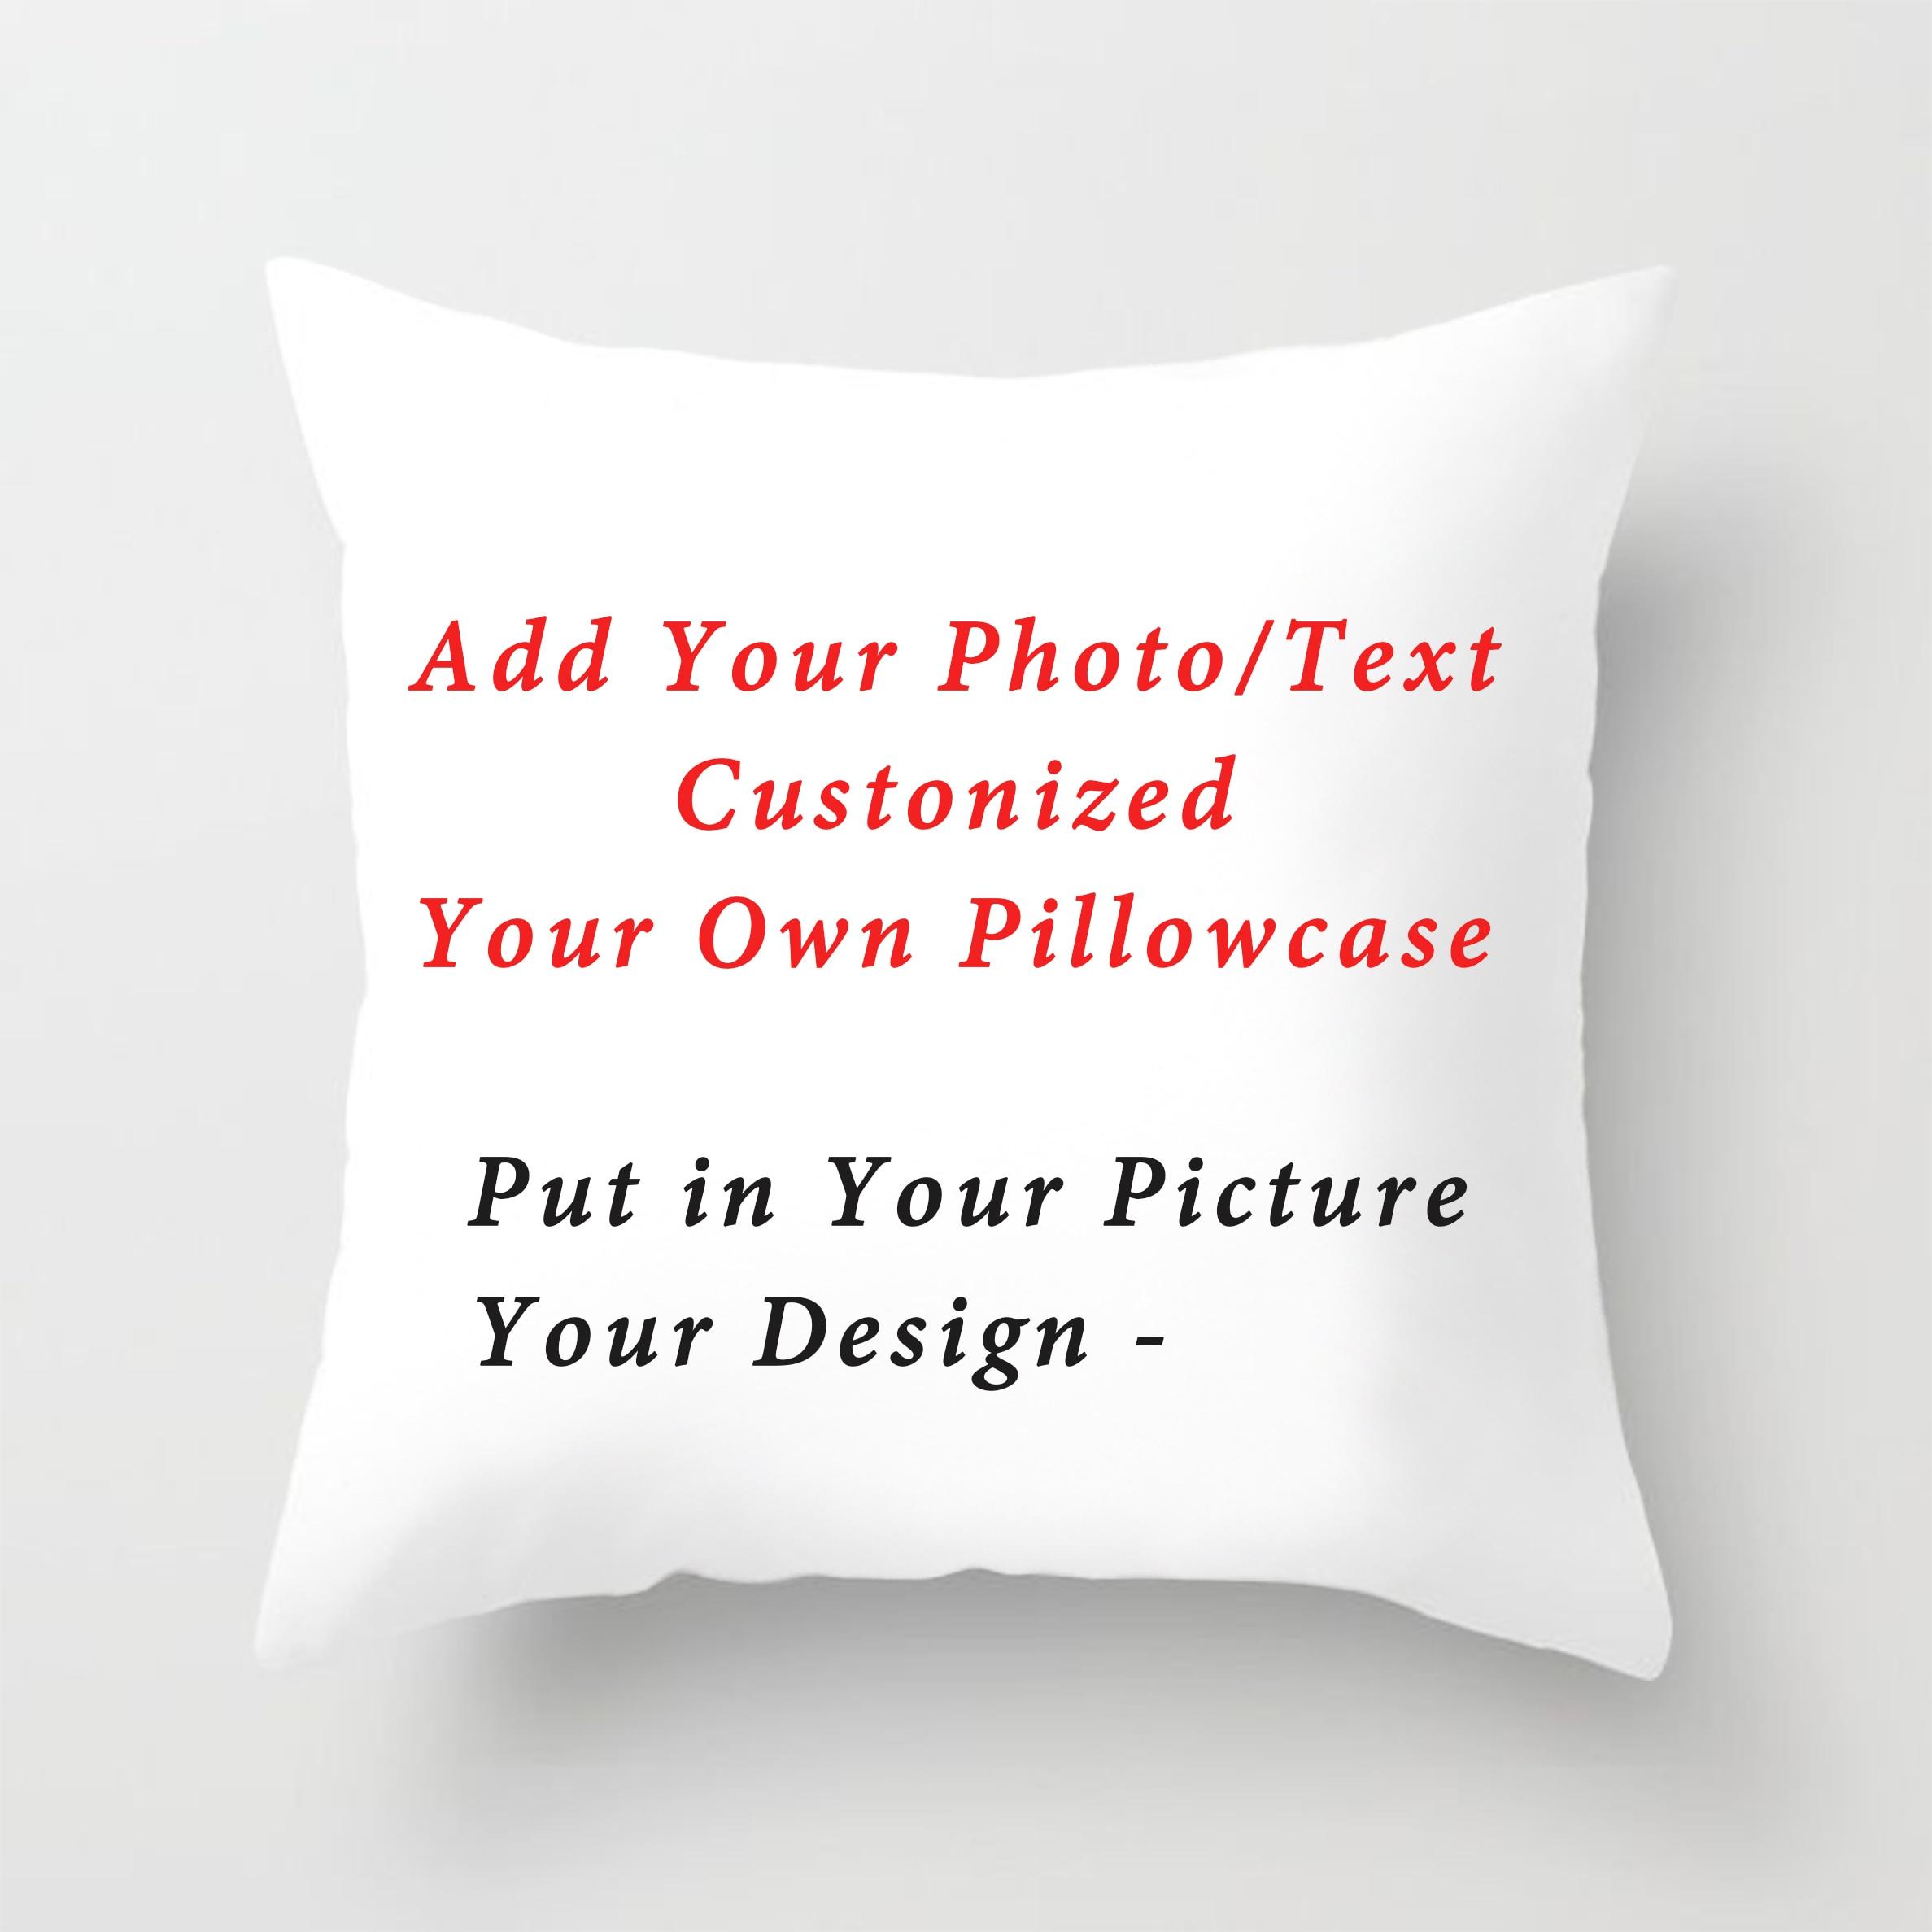 Наволочка с рисунком в виде животных, наволочка для подушки на свадьбу, личные фото жизни, подарок на заказ, чехлы на подушки для дома наволо...